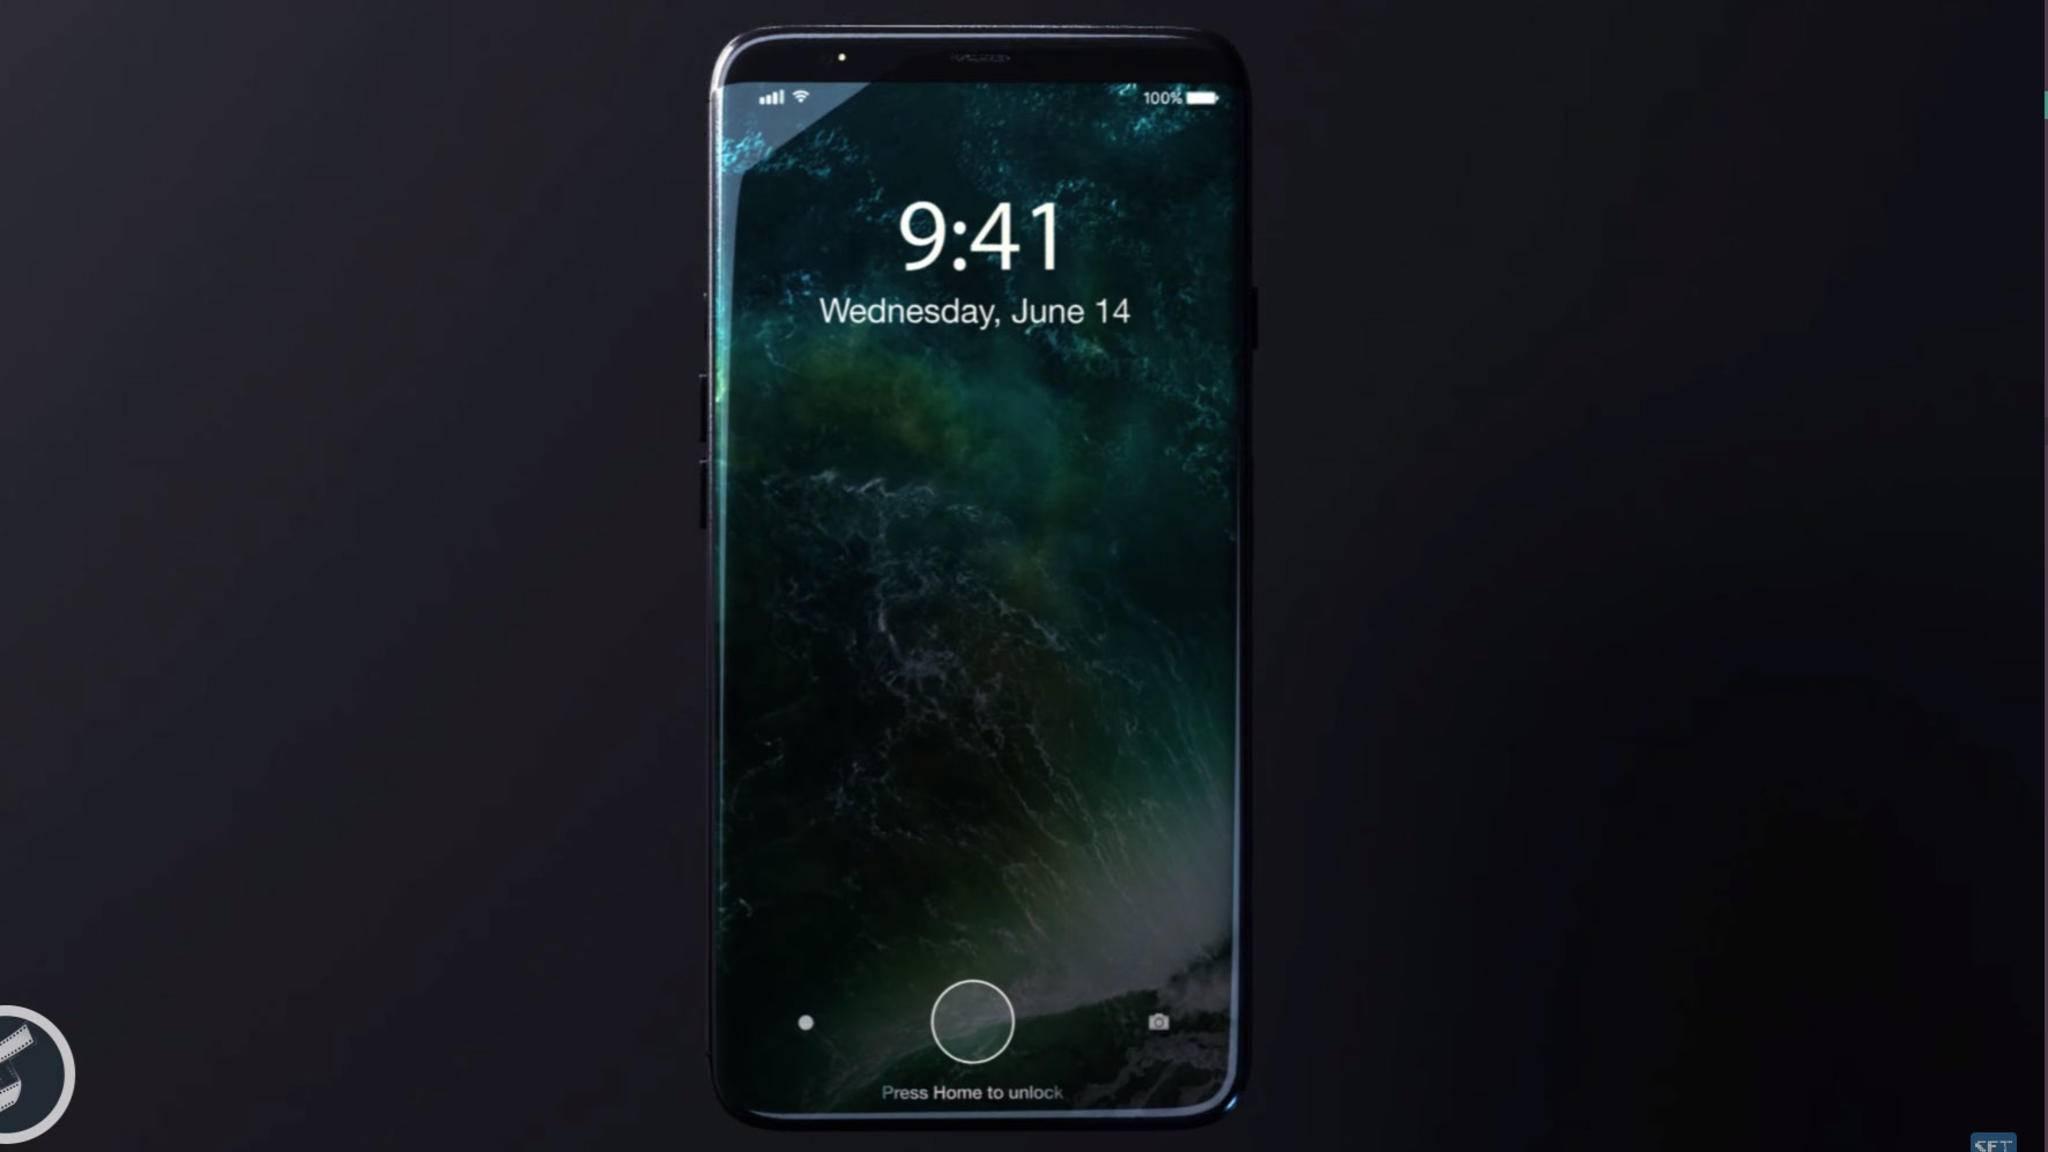 Für die Gesichtserkennung muss das iPhone 8 wohl nicht direkt vors Gesicht gehalten werden.